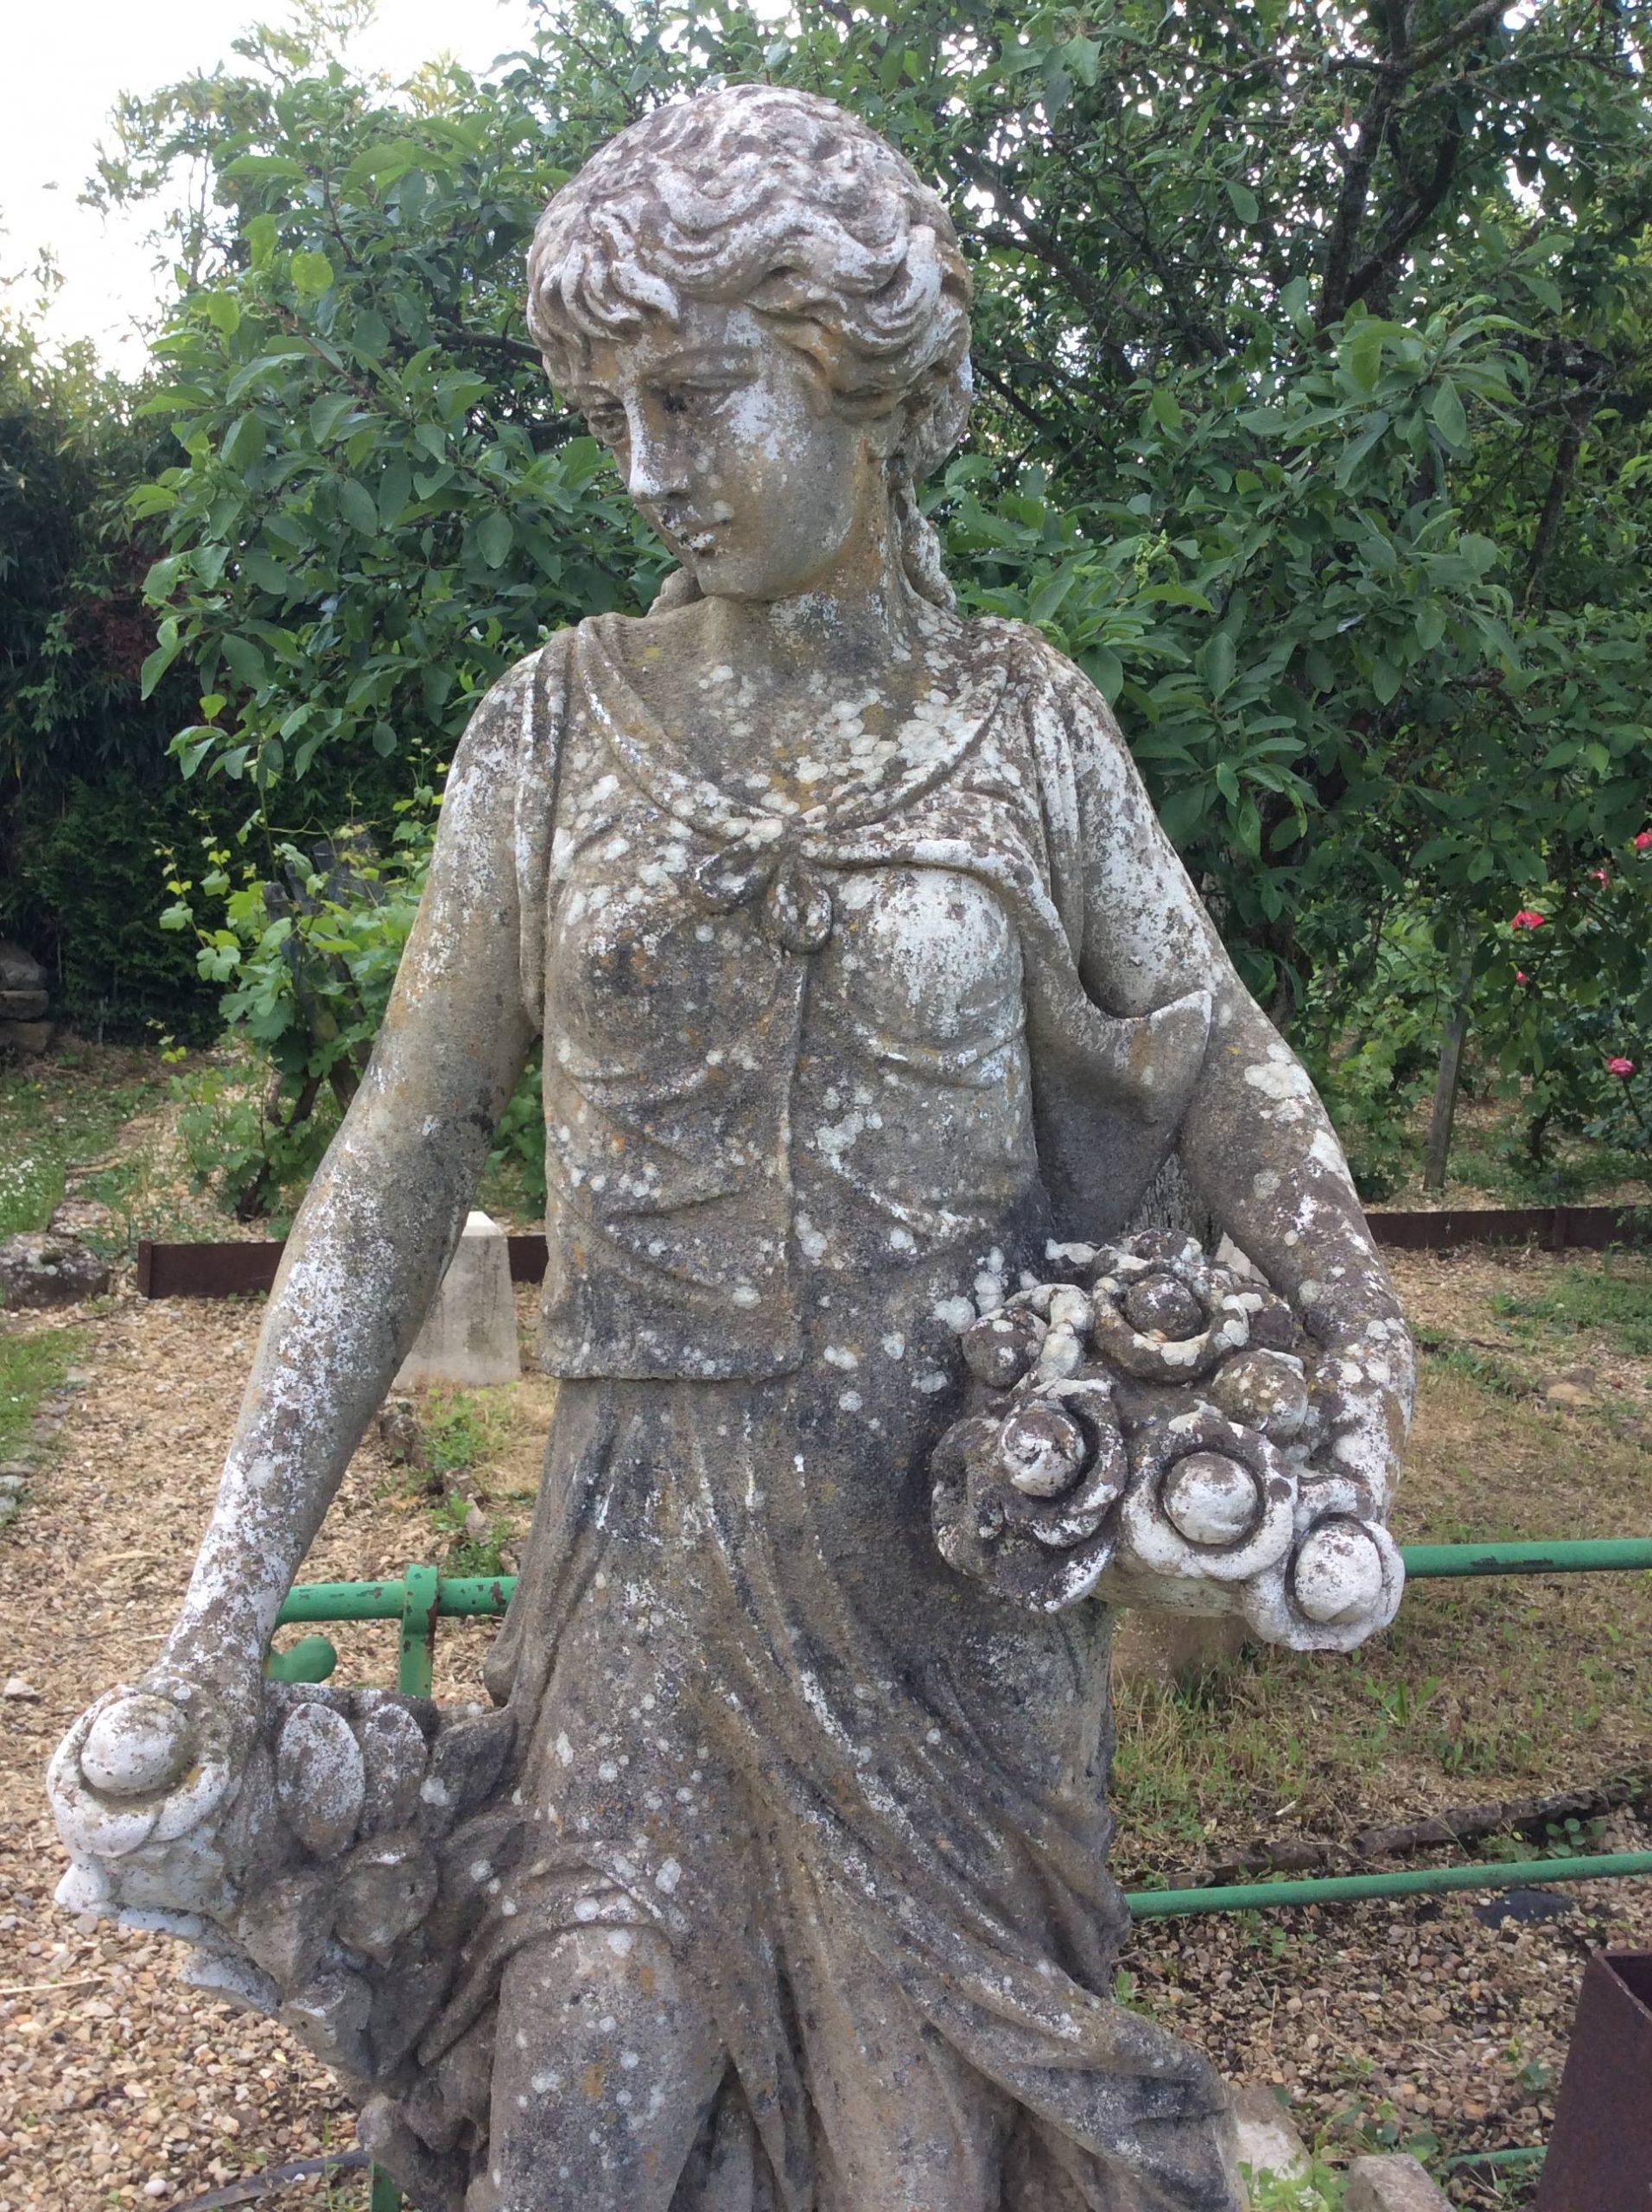 Catalogue D'ornement De Jardin. Contient Plusieurs Dizaines ... destiné Statues De Jardin Occasion